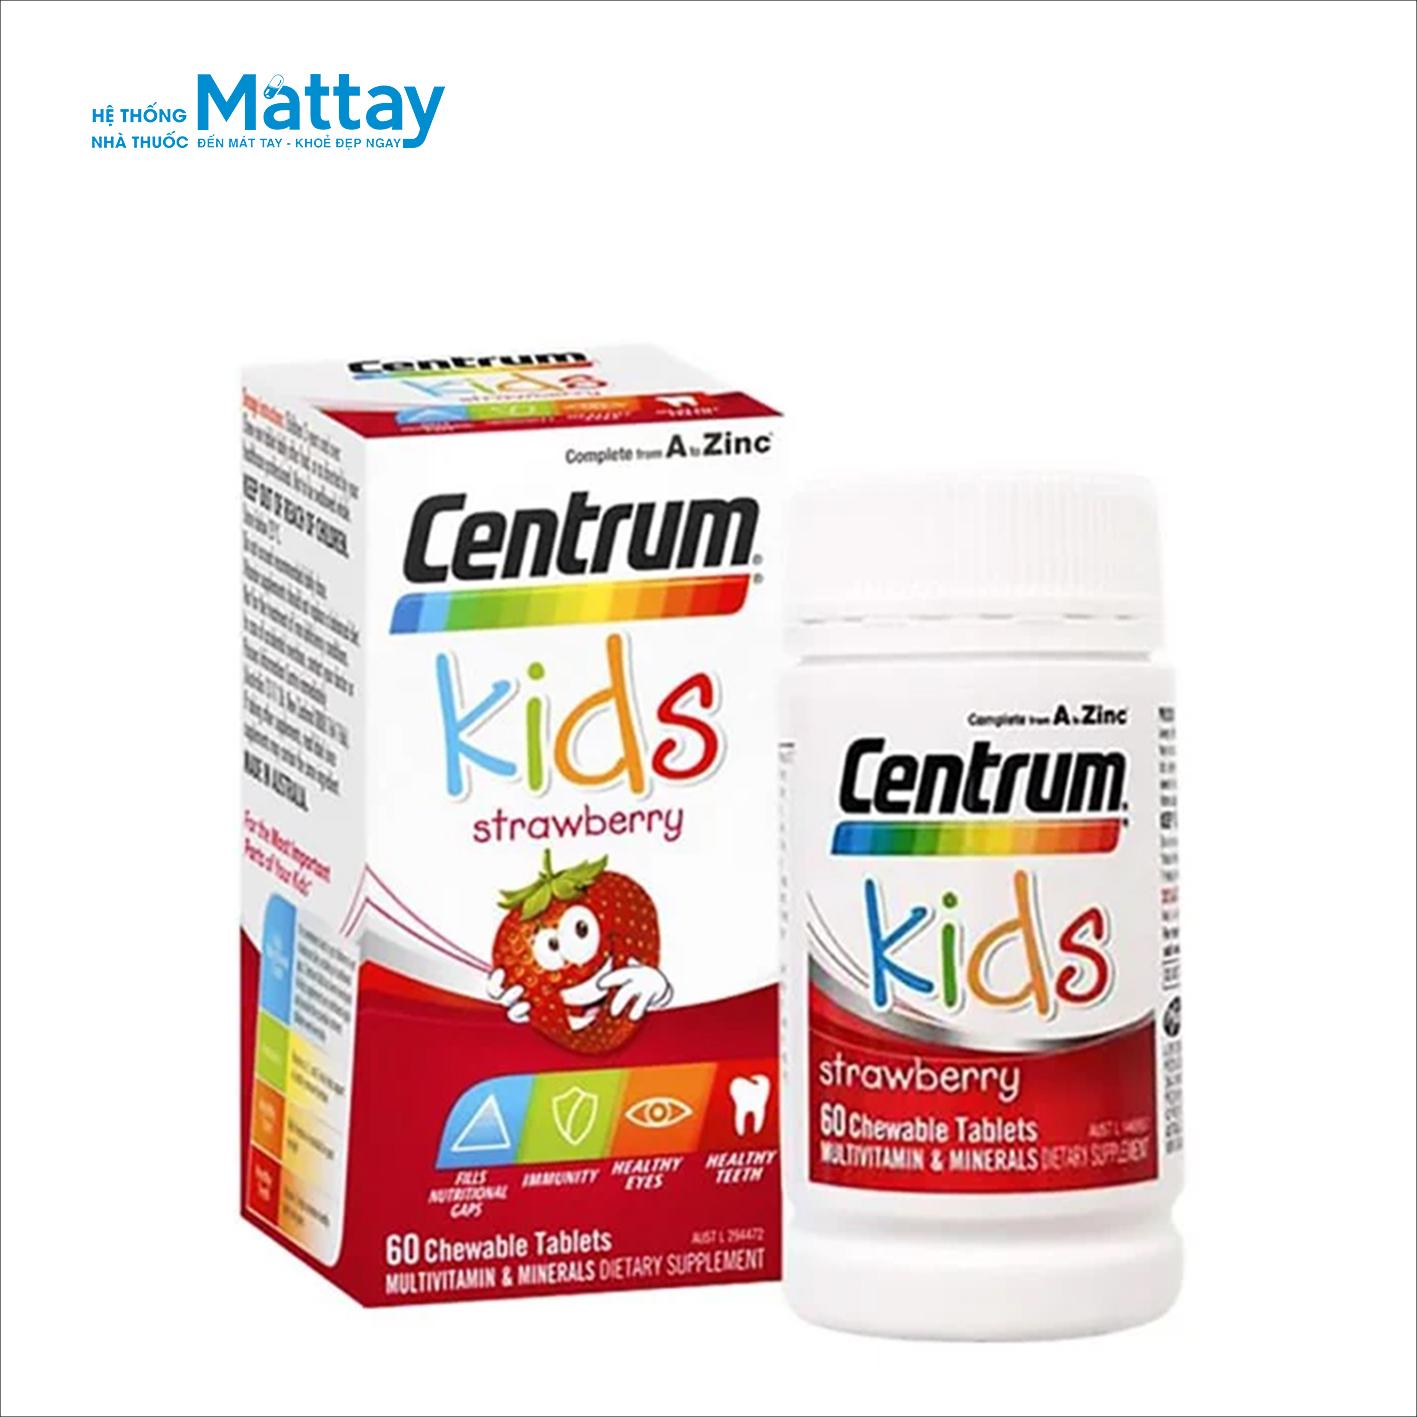 Centrum Viên Uống Bổ Sung Vitamin Tổng Hợp Cho Trẻ Em Kids Strawberry 60 Viên